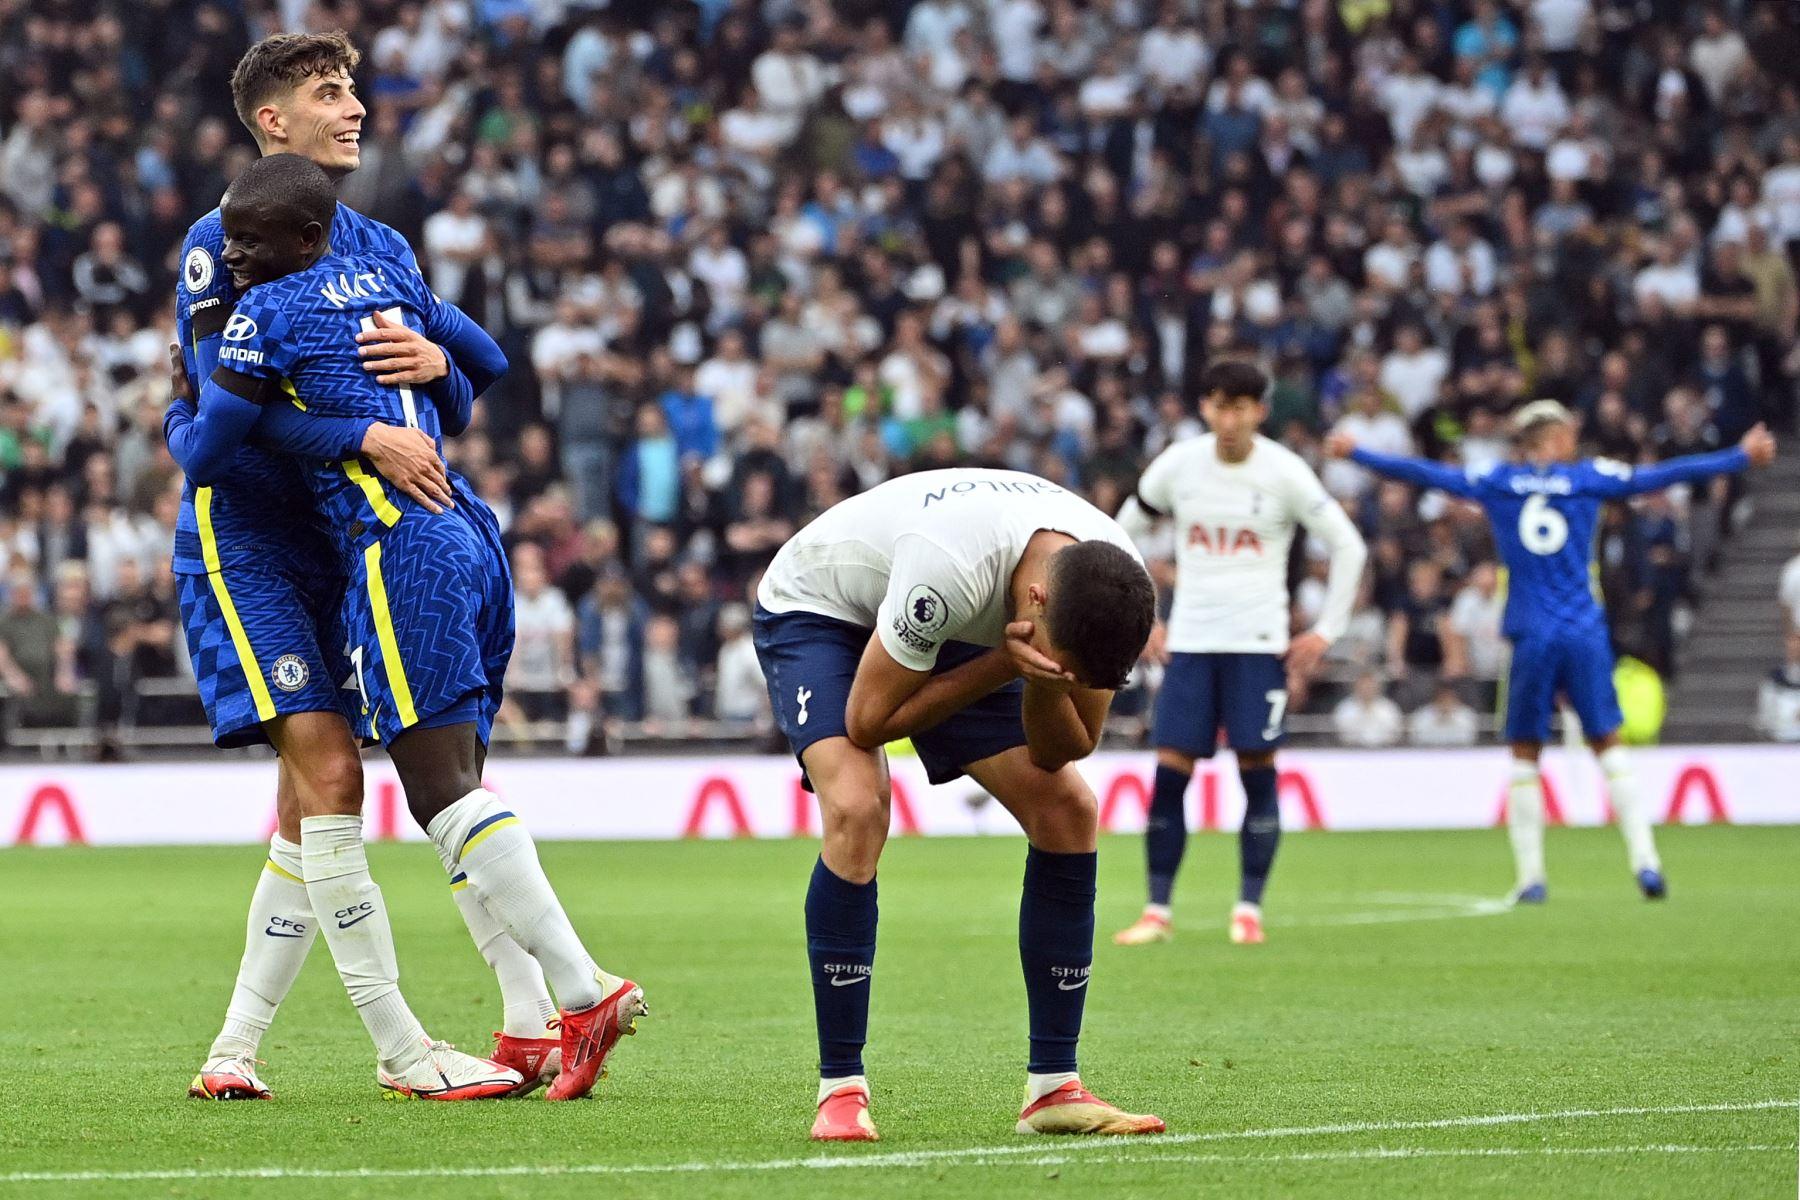 El defensor español del Tottenham Hotspur Sergio se lamenta mientras el centrocampista francés del Chelsea N